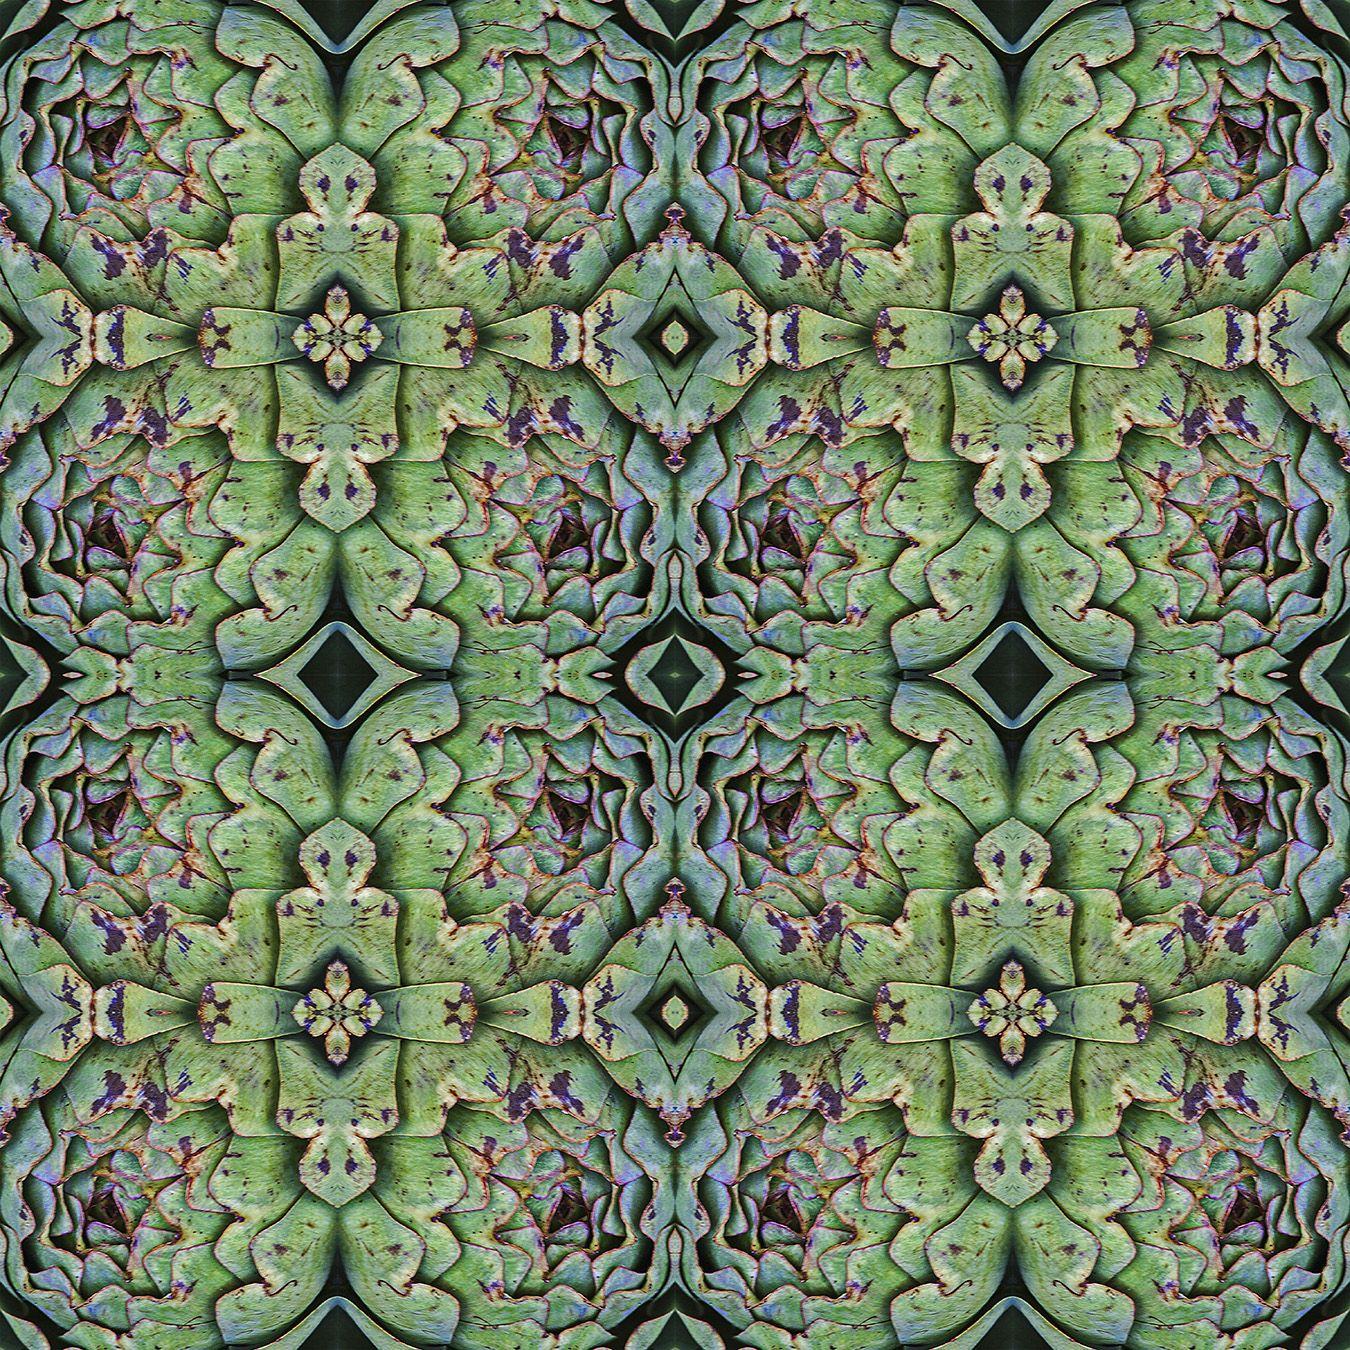 #Symmetrie und #Wiederholung führt zu diesem #Muster ausgehend von einer #Mammole also einer #grossen #Artischocke